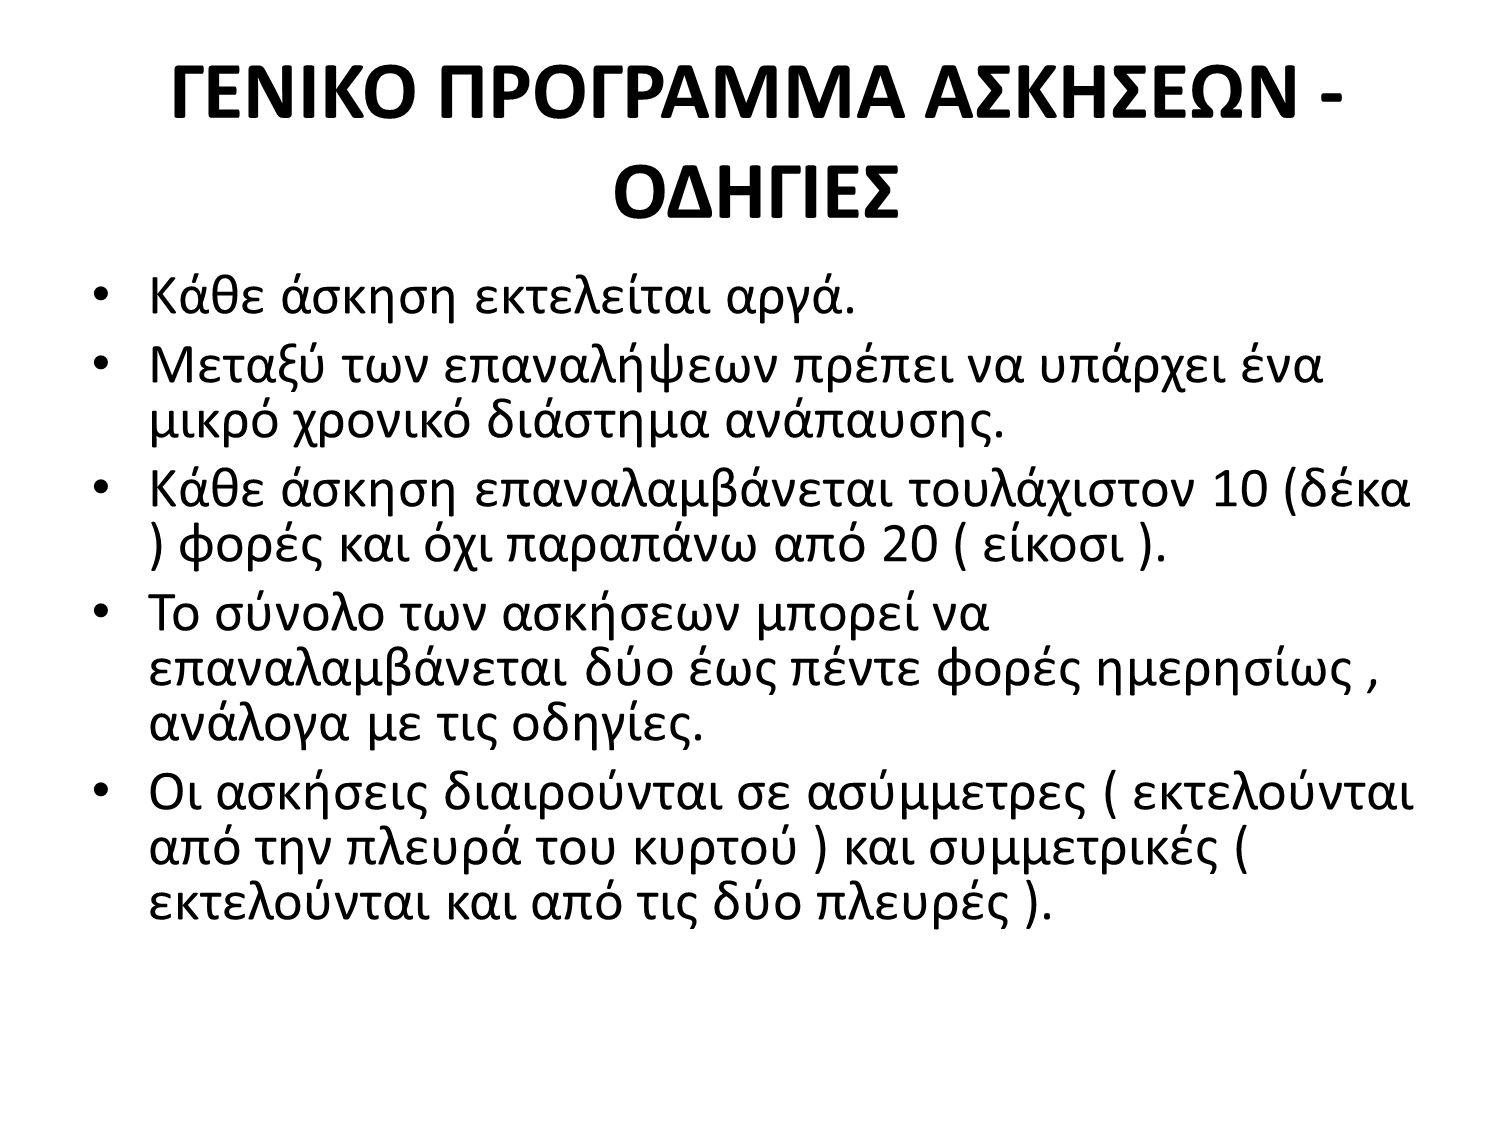 ΓΕΝΙΚΟ ΠΡΟΓΡΑΜΜΑ ΑΣΚΗΣΕΩΝ - ΟΔΗΓΙΕΣ